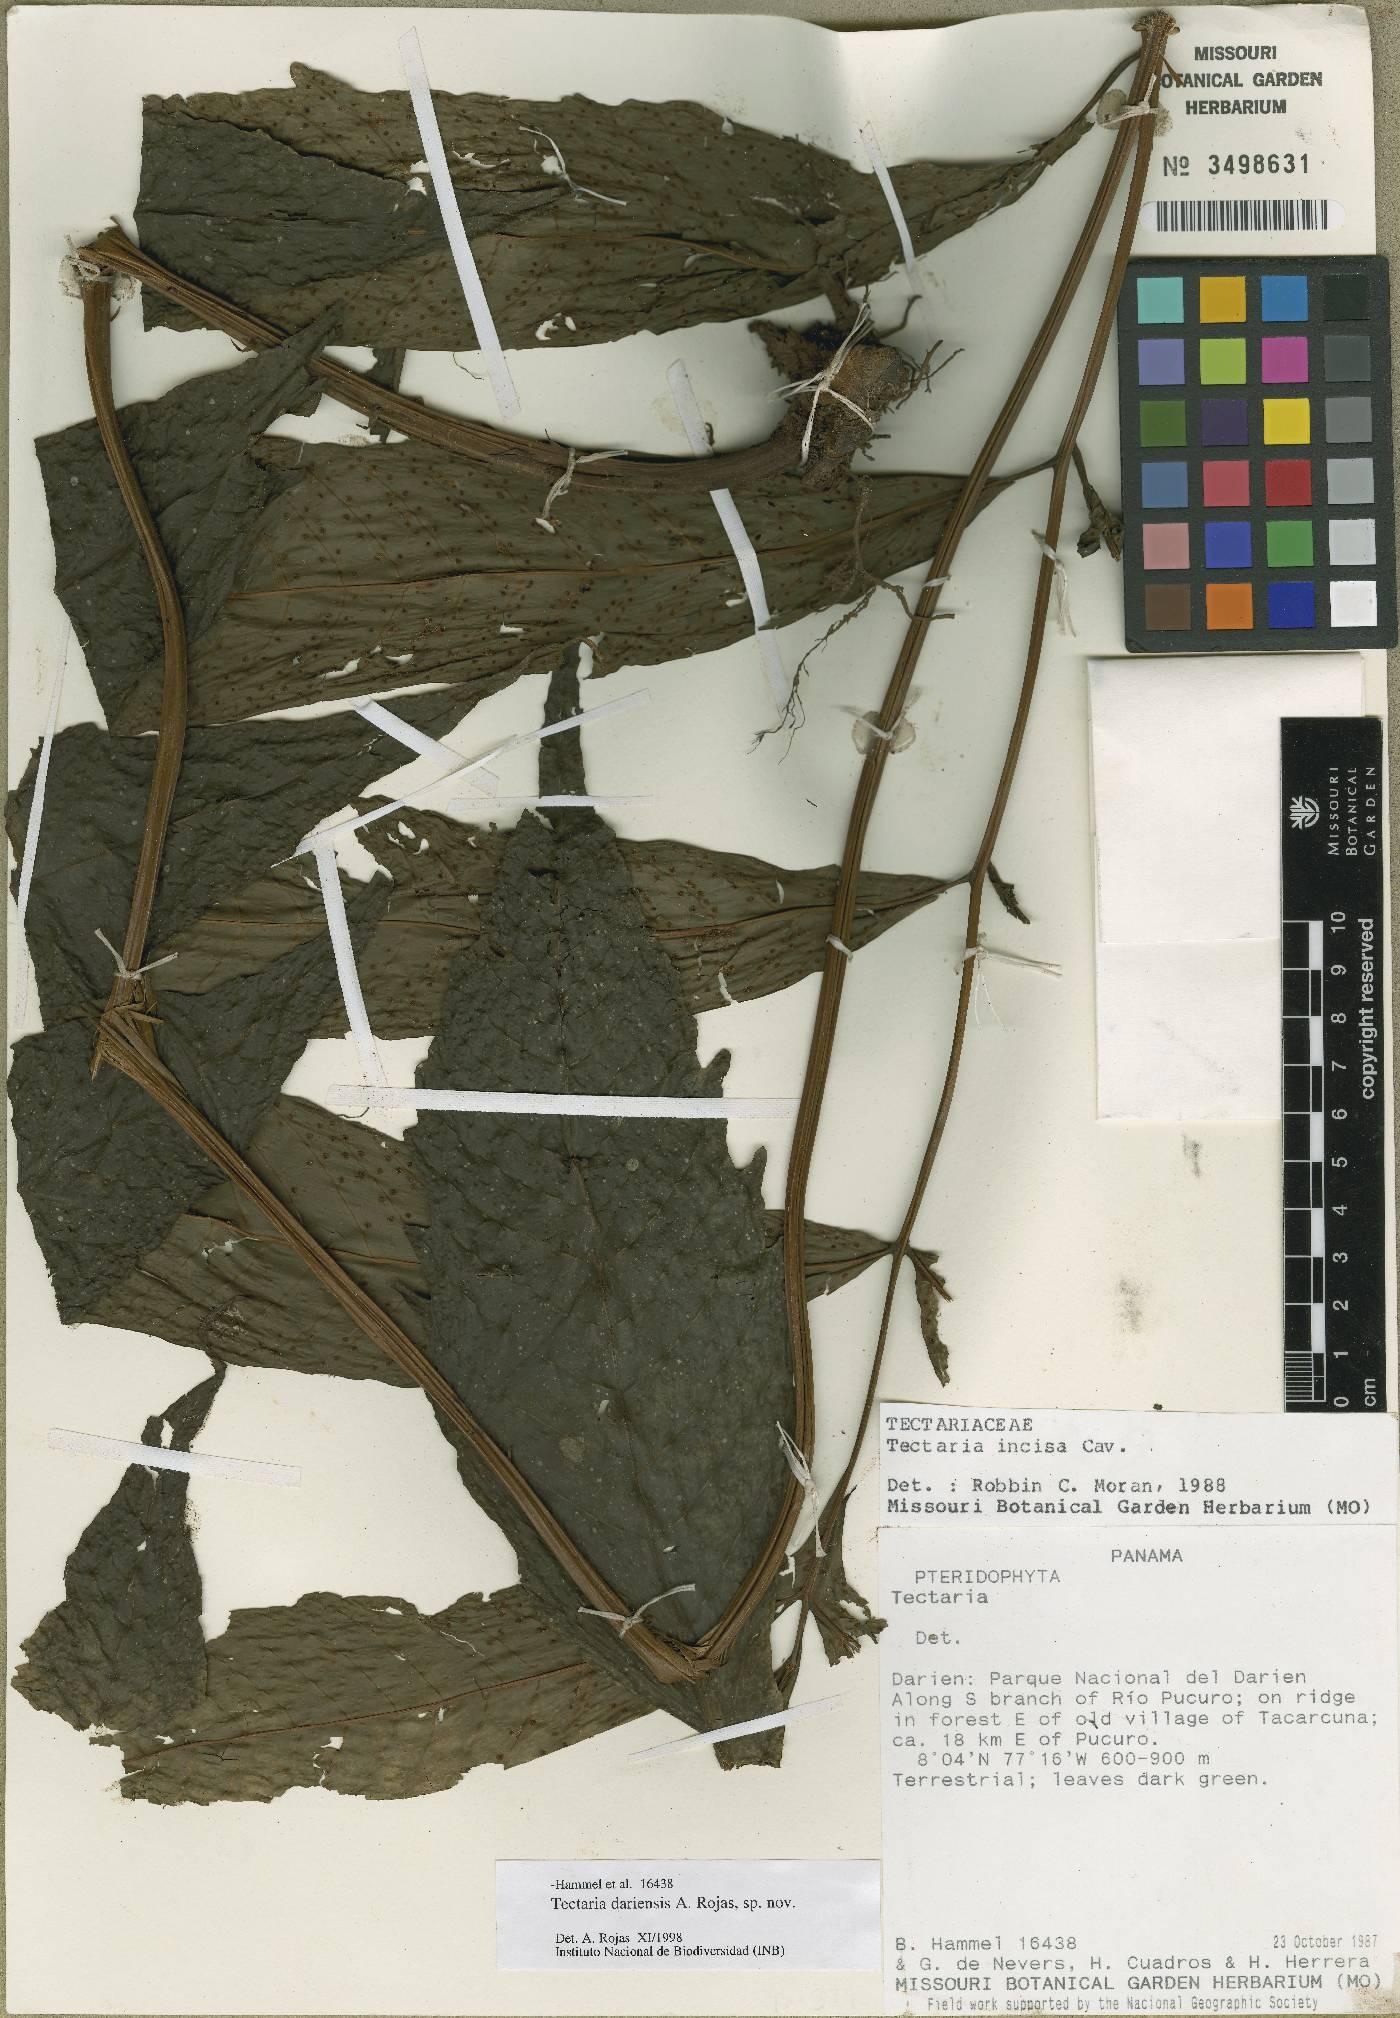 Tectaria darienensis image